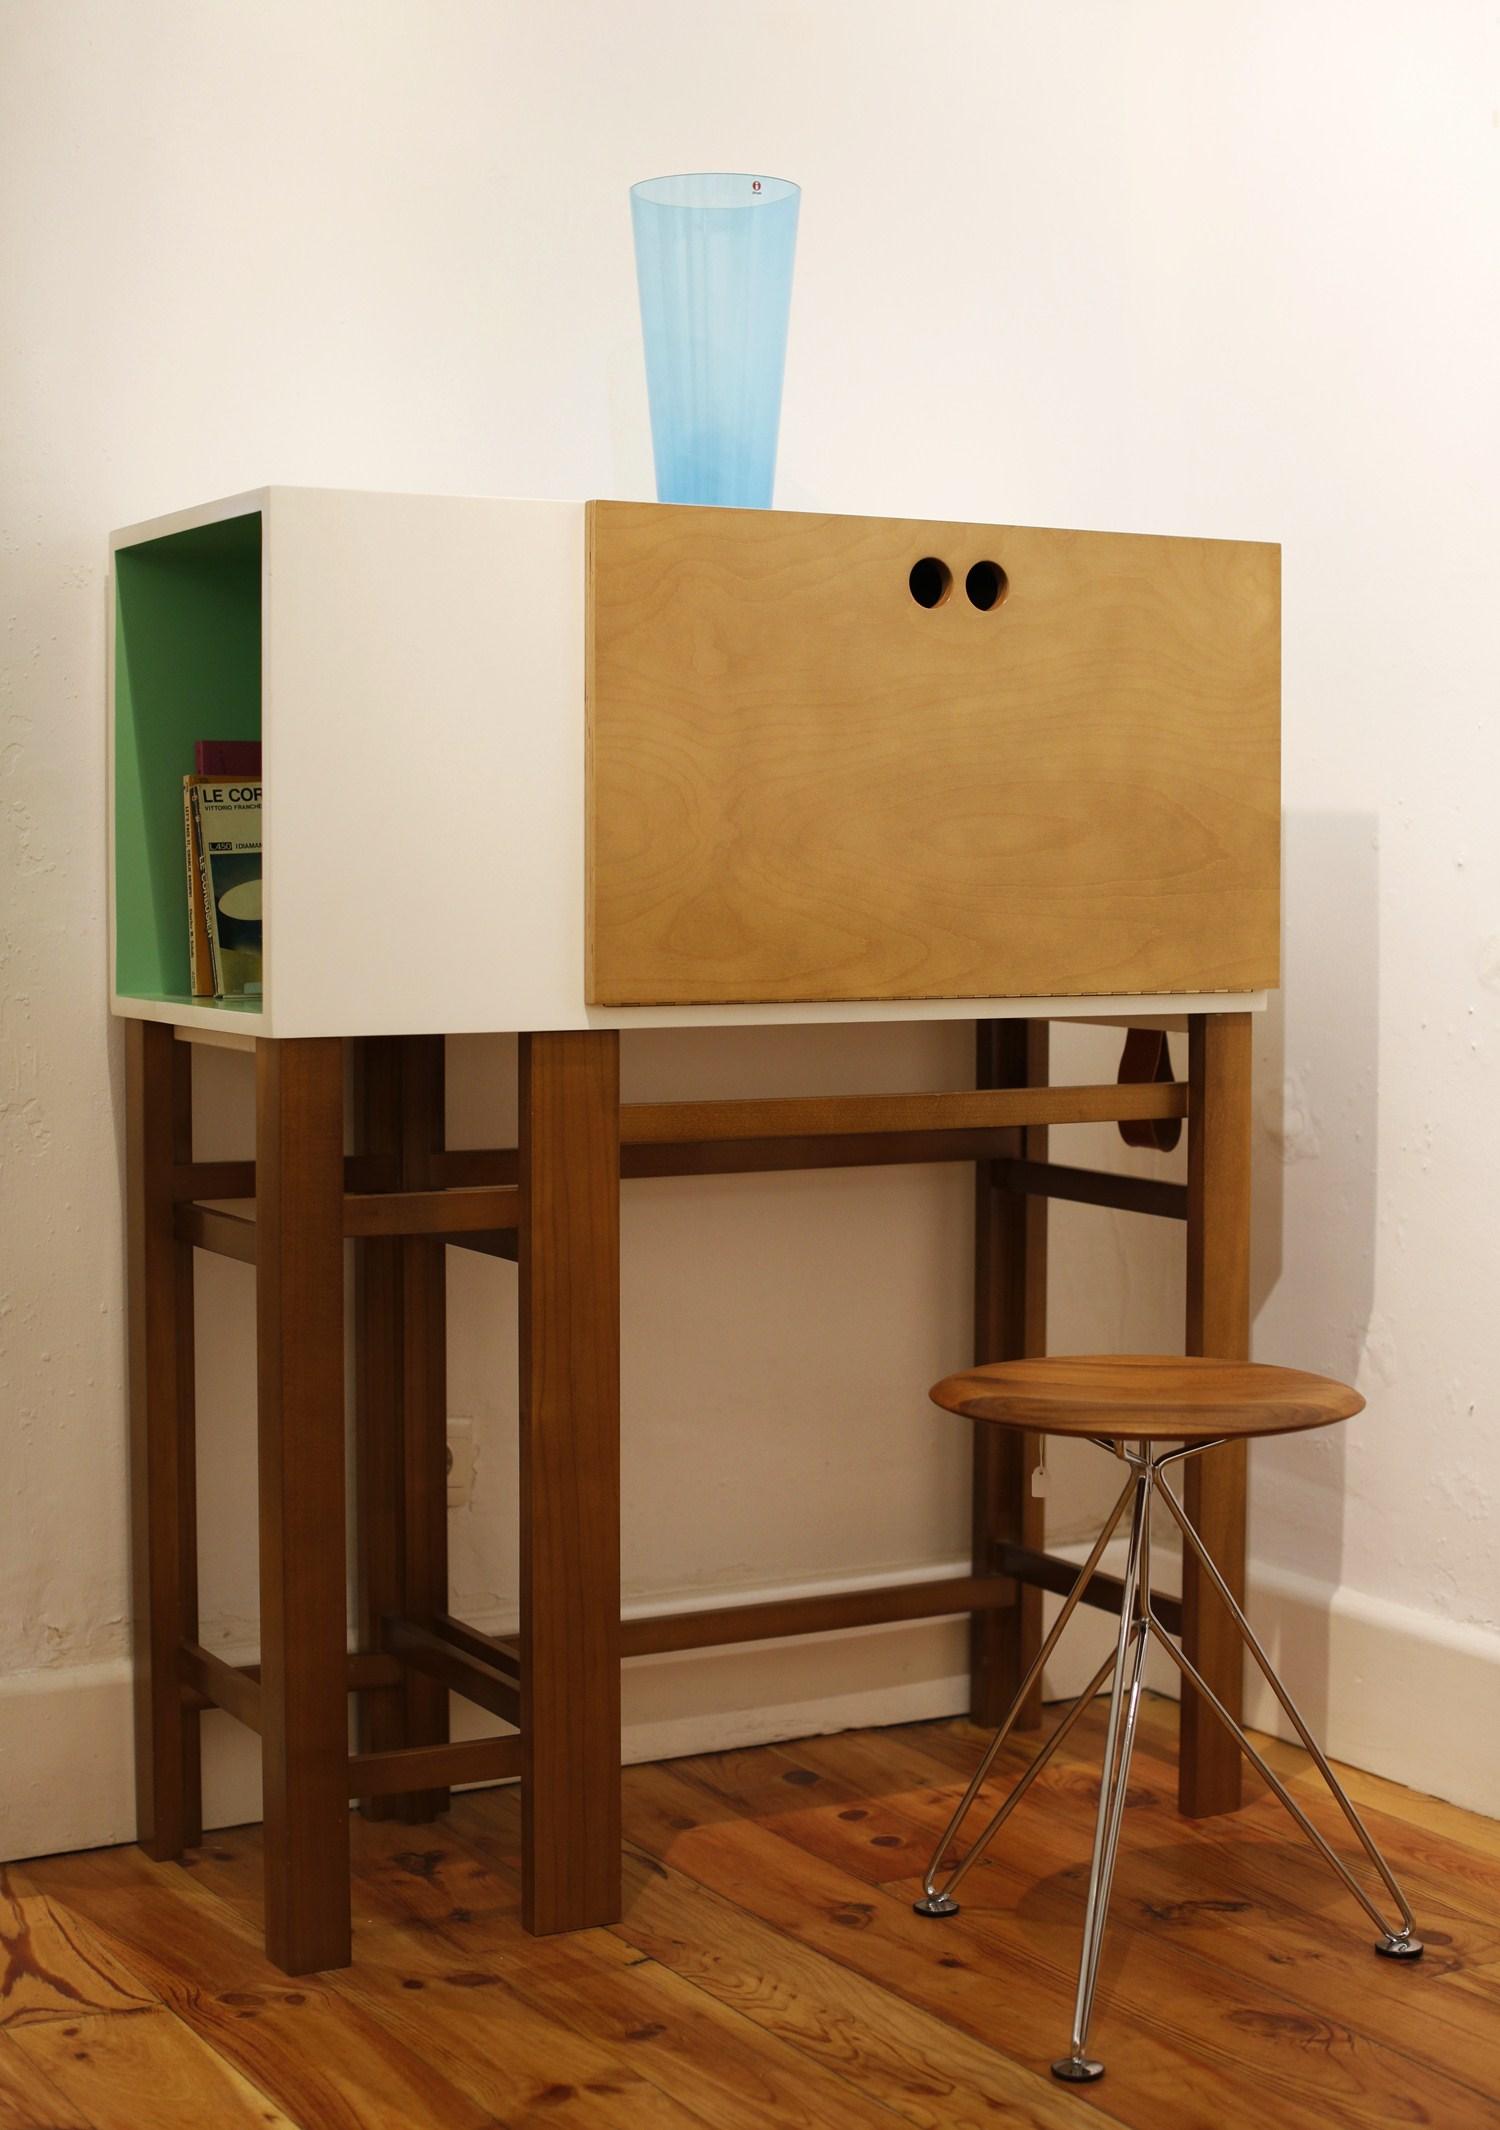 Espacio Brut Y Holz57 Studio Mobiliario Atemporal Y El Dise O  # Muebles Para Nivel Inicial